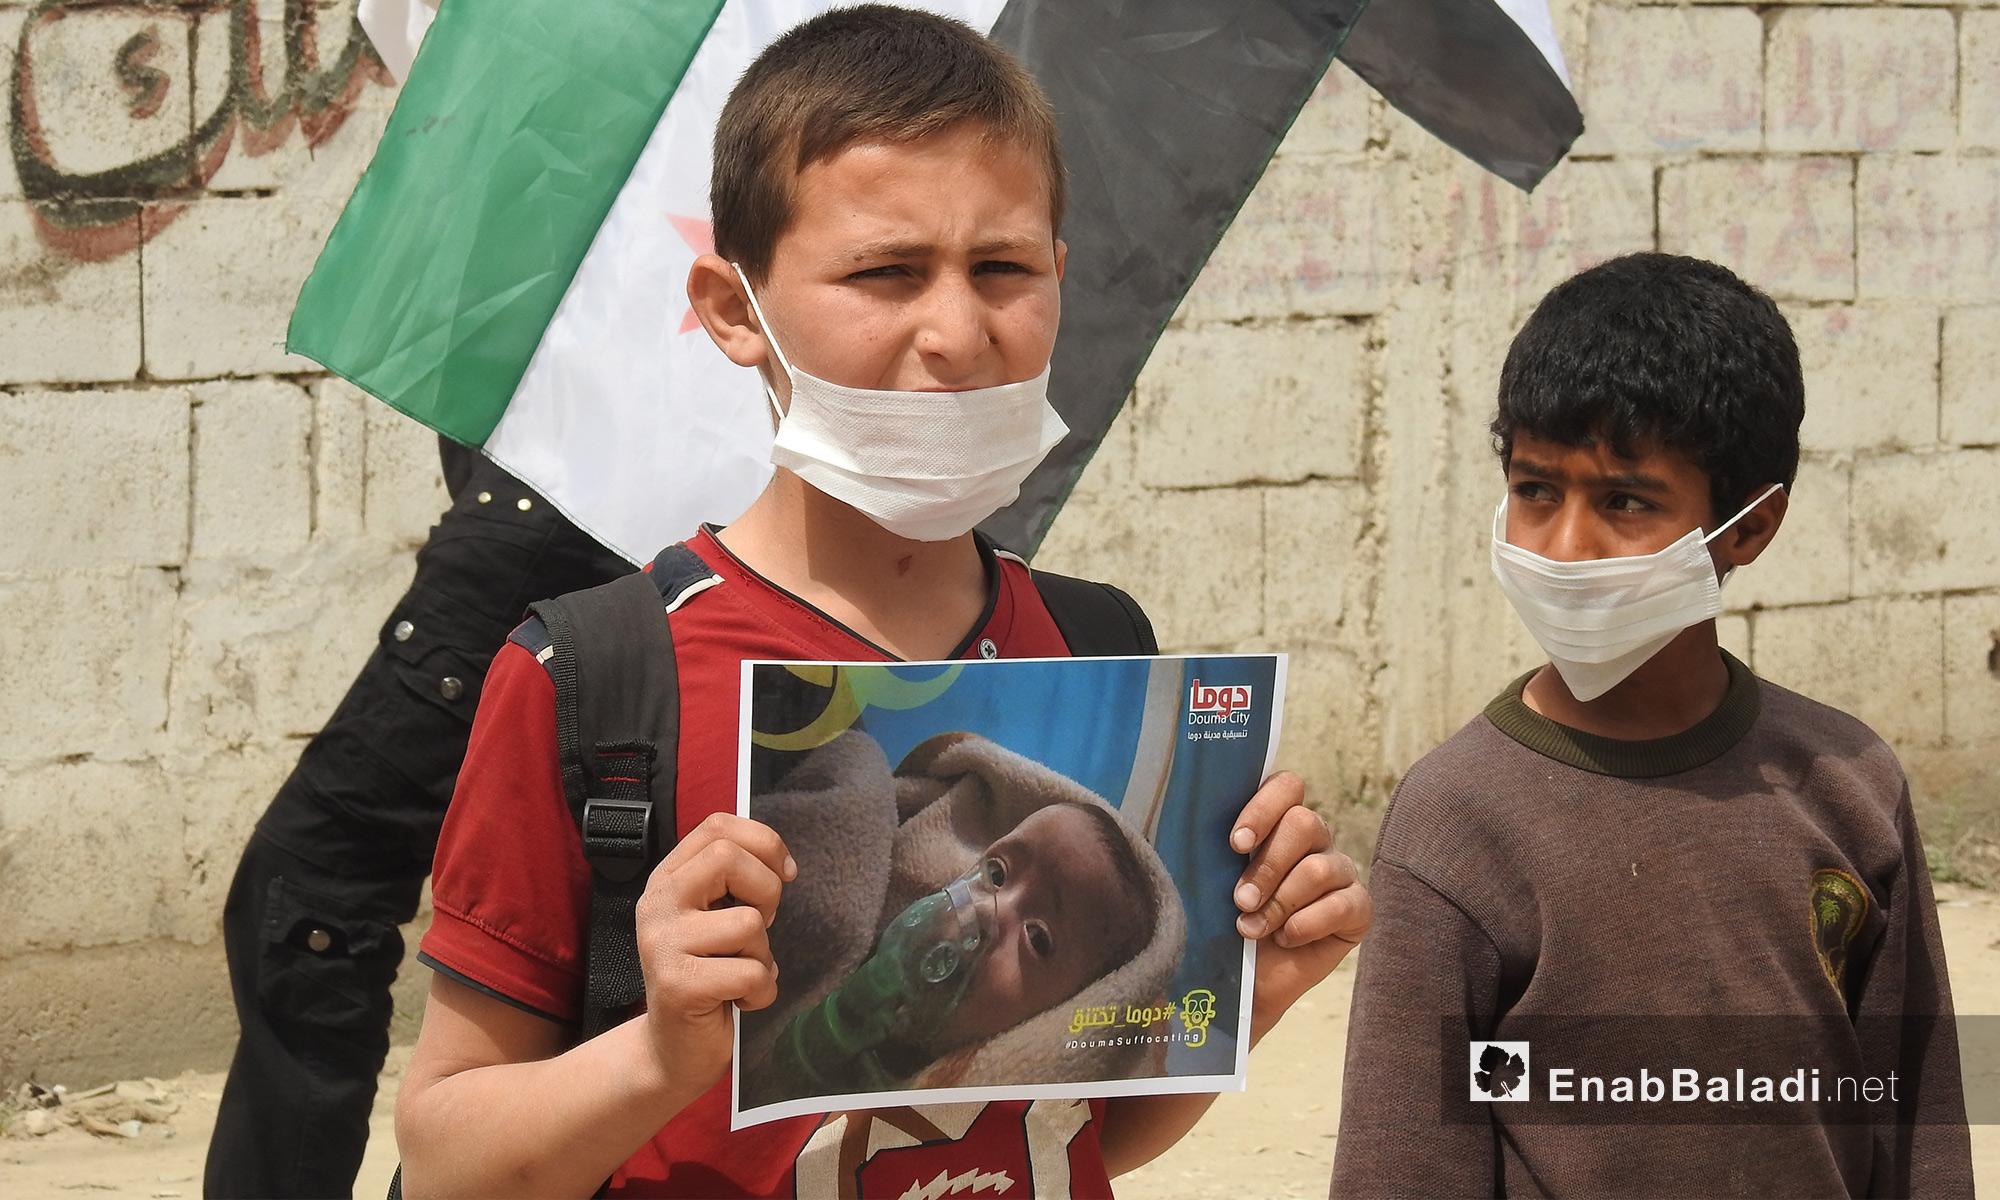 طقل من بلدة دابق شمالي حلب يحمل صورة طفل مختنق بالغازات السامة تضامنًا مع مدينة دوما في الغوطة الشرقية - 8 من نيسان 2018 (عنب بلدي)